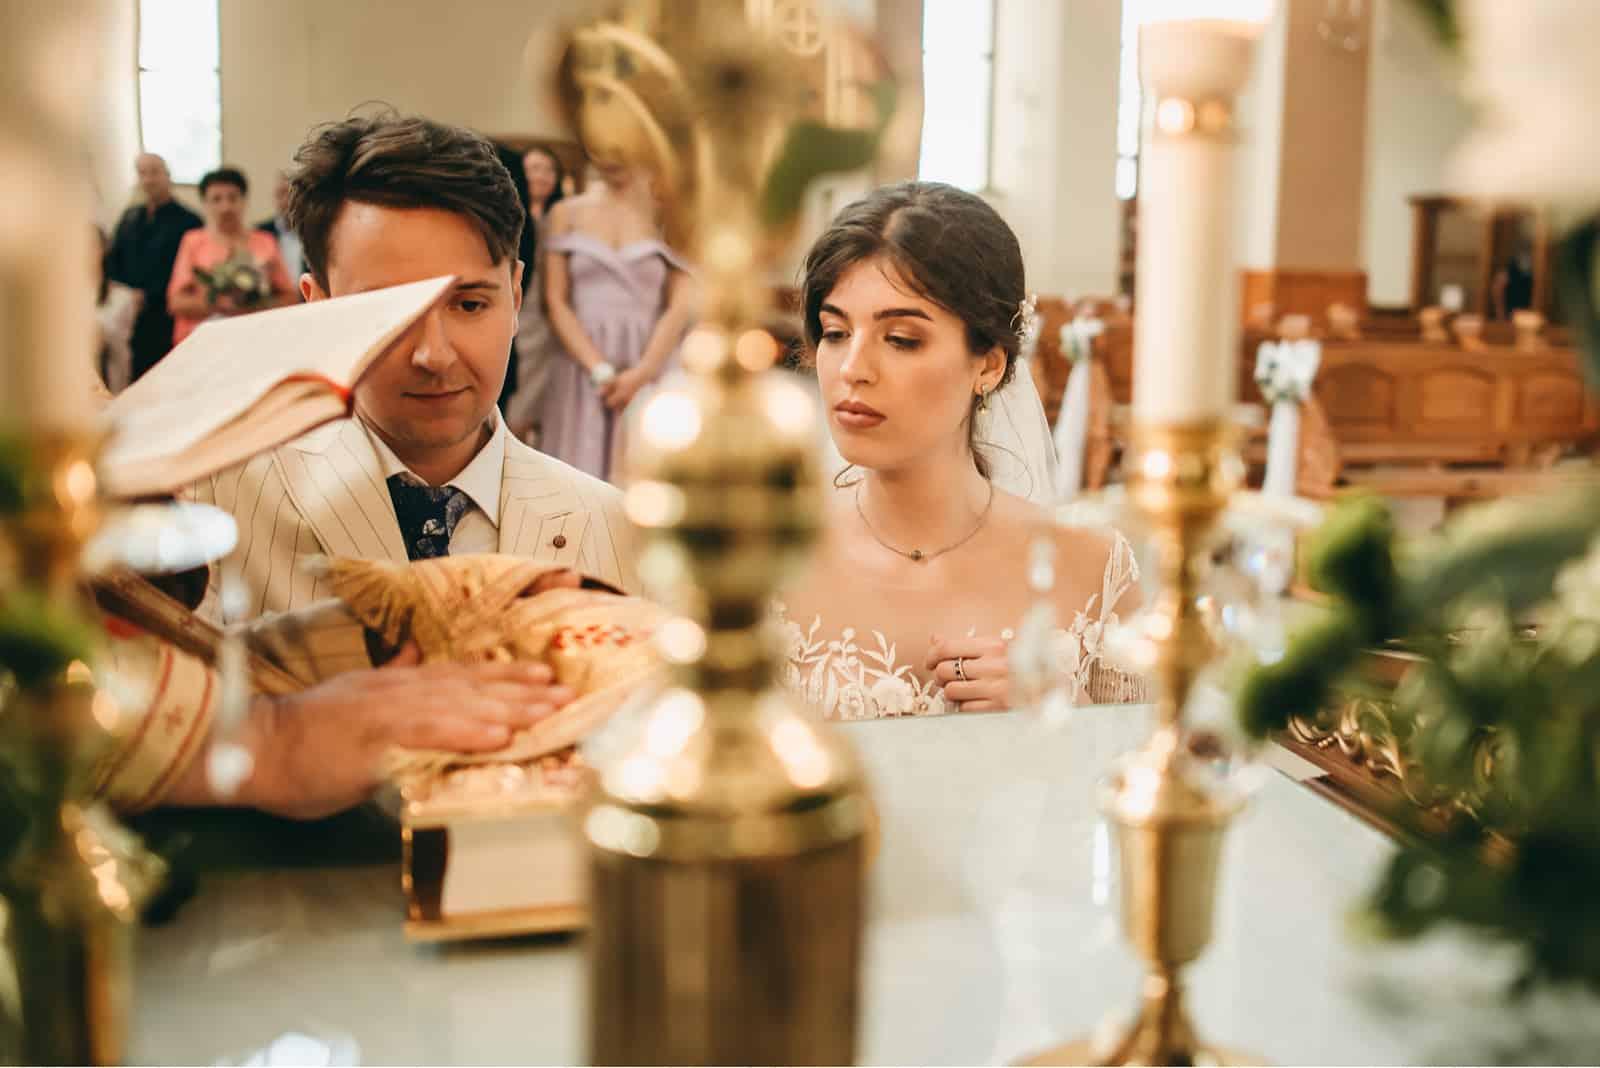 Der Priester gibt den schönen Jungvermählten einen Segen